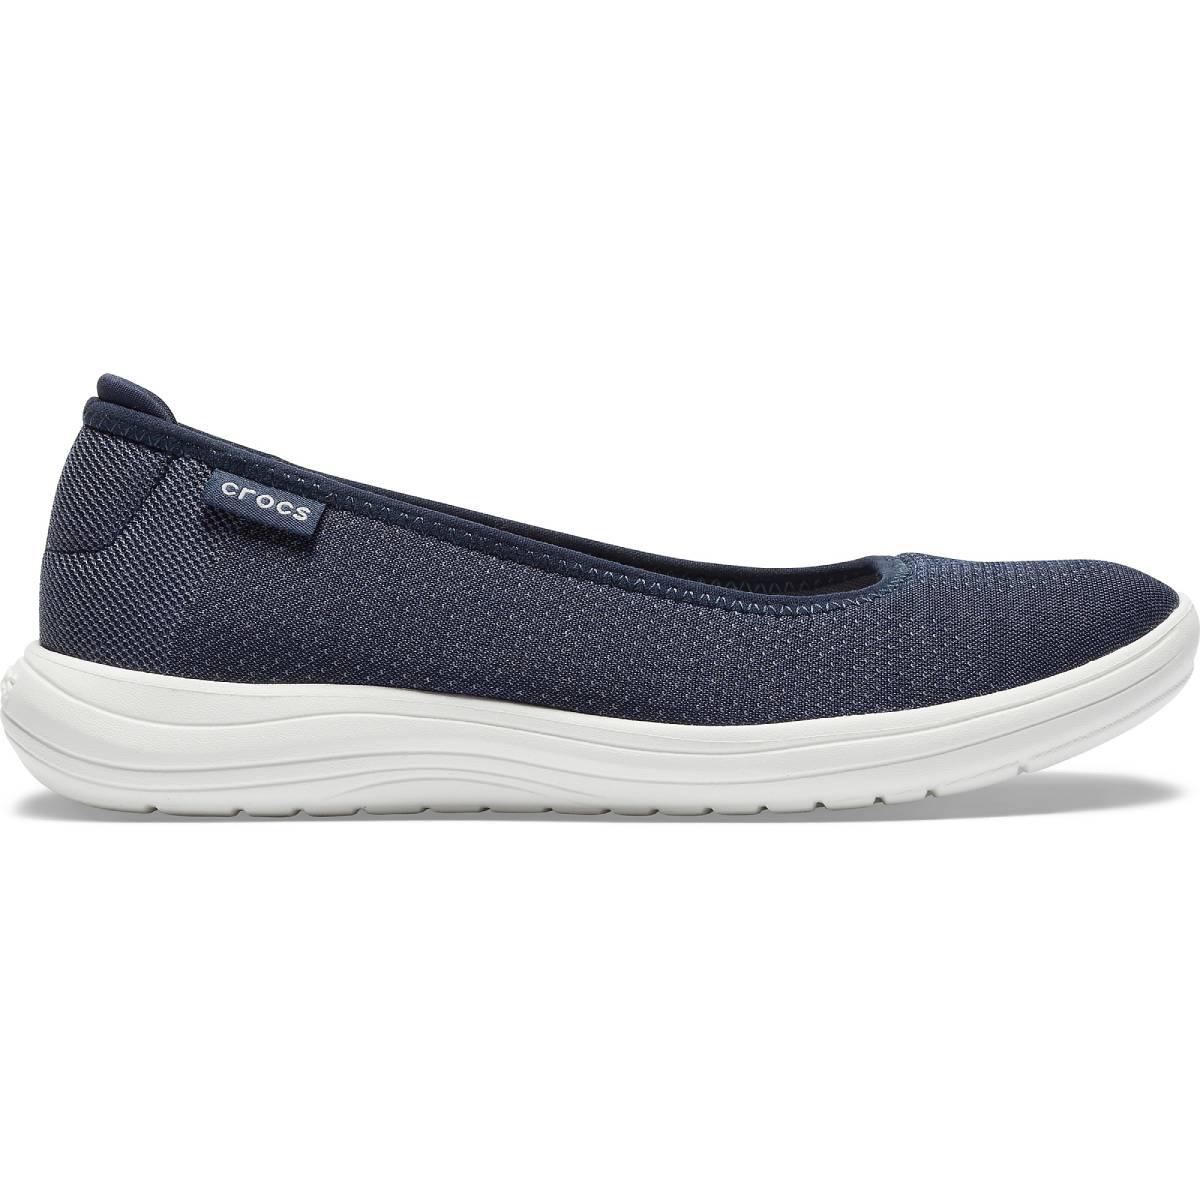 Crocs Reviva Flat W - Lacivert/Beyaz